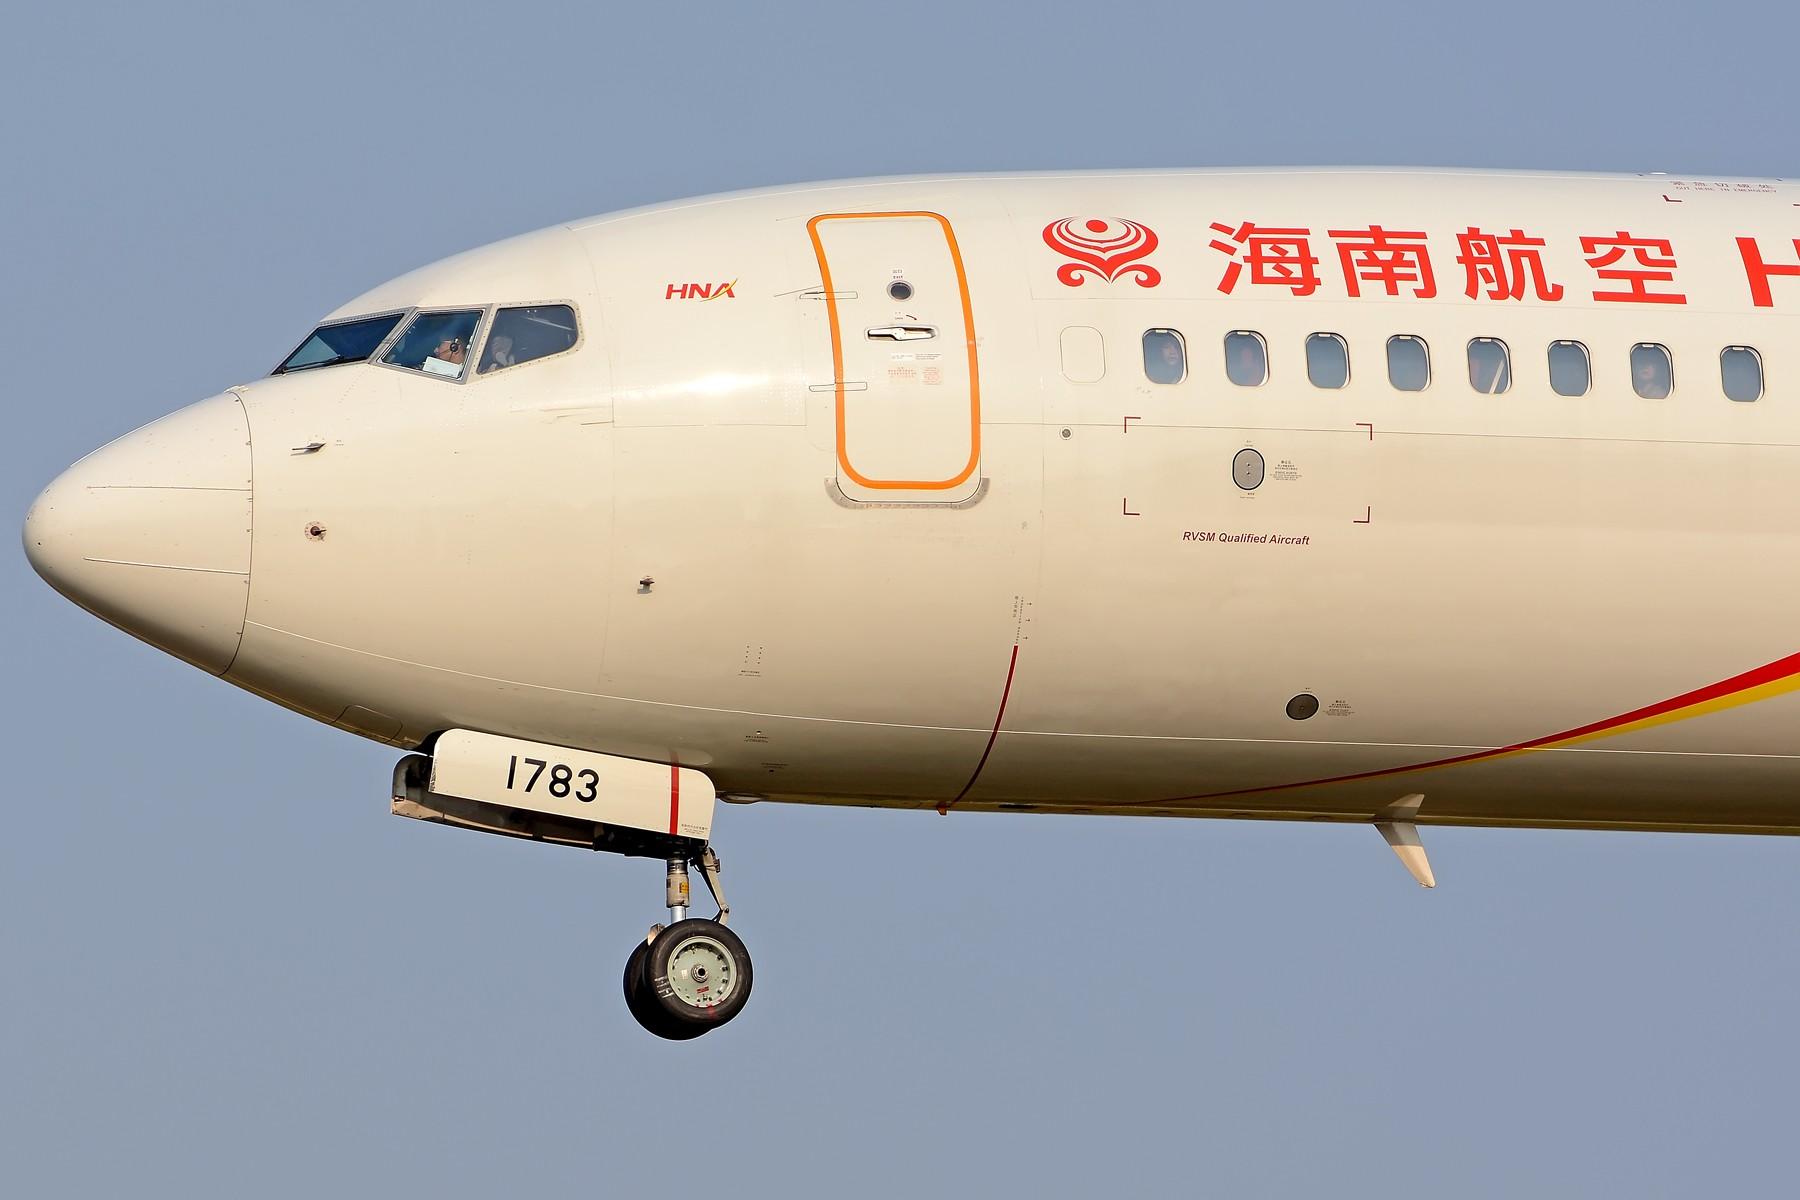 Re:[原创]【多图党】试镜200-500大头比较多 BOEING 737-800 B-1783 中国合肥新桥国际机场